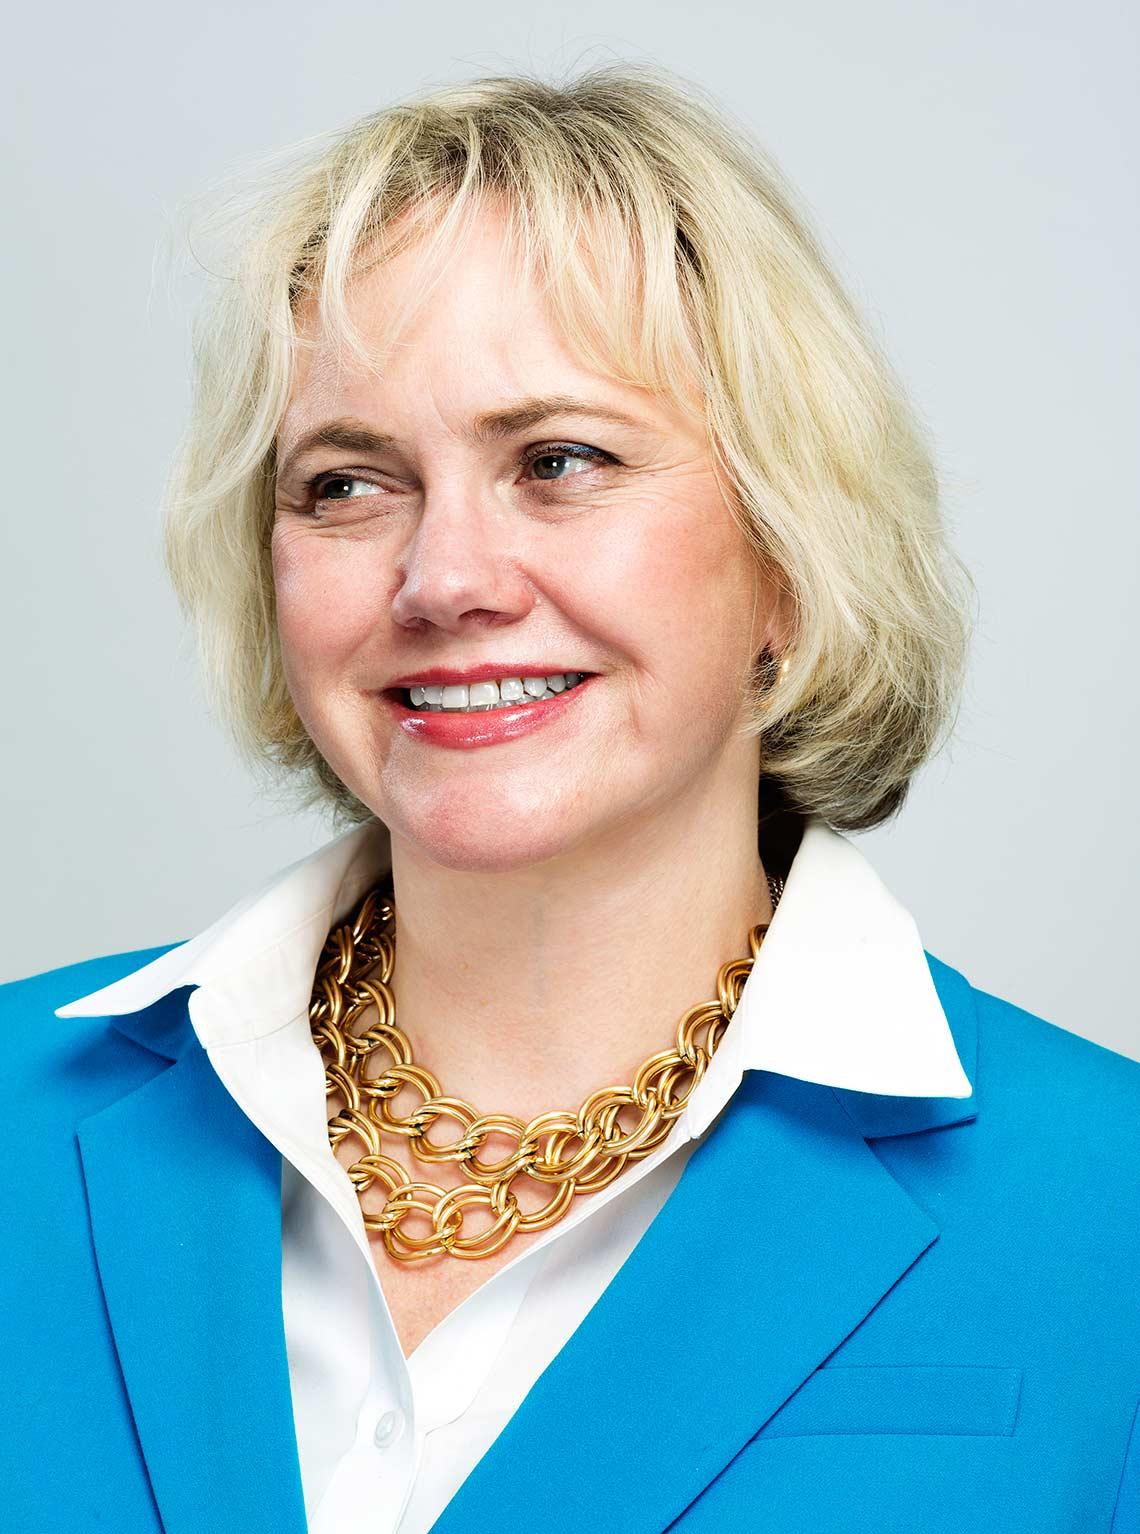 Dr. Leah Binder - Cómo arreglar el sistema de salud